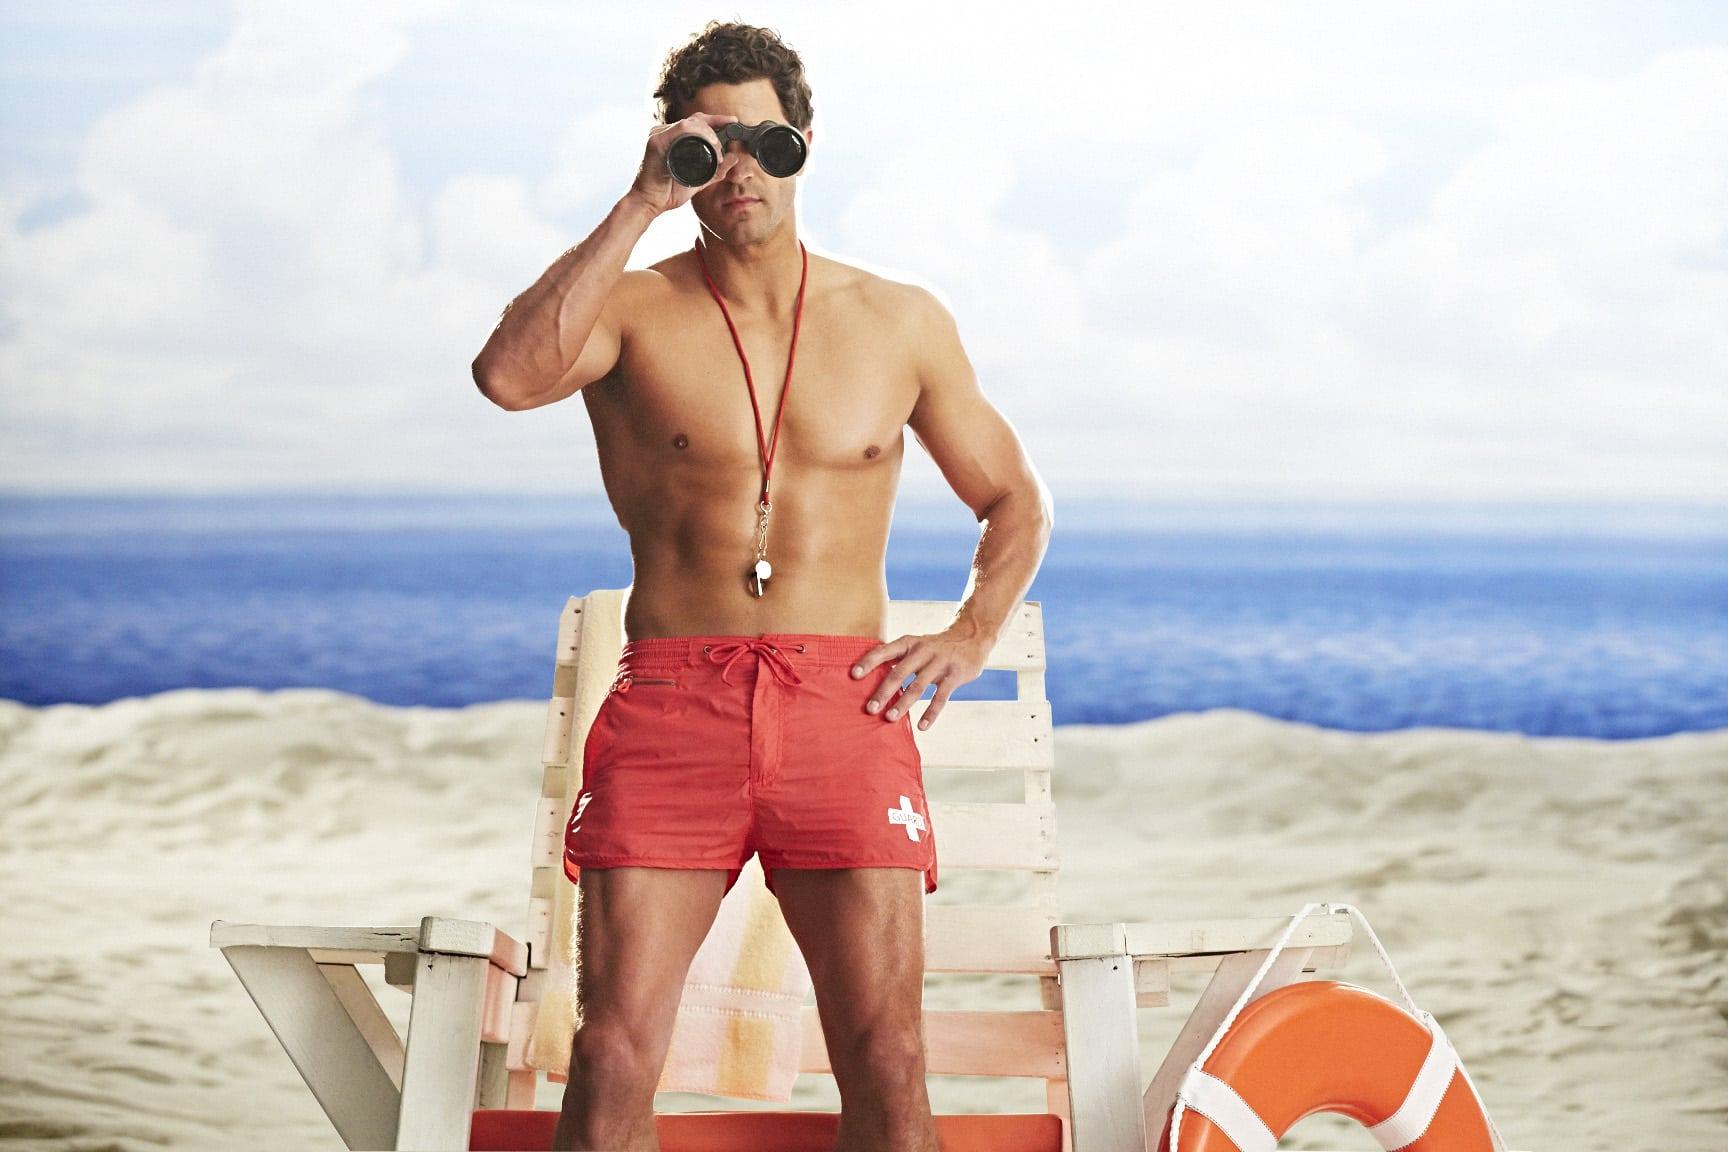 7 Ways to Make Summer Sexier